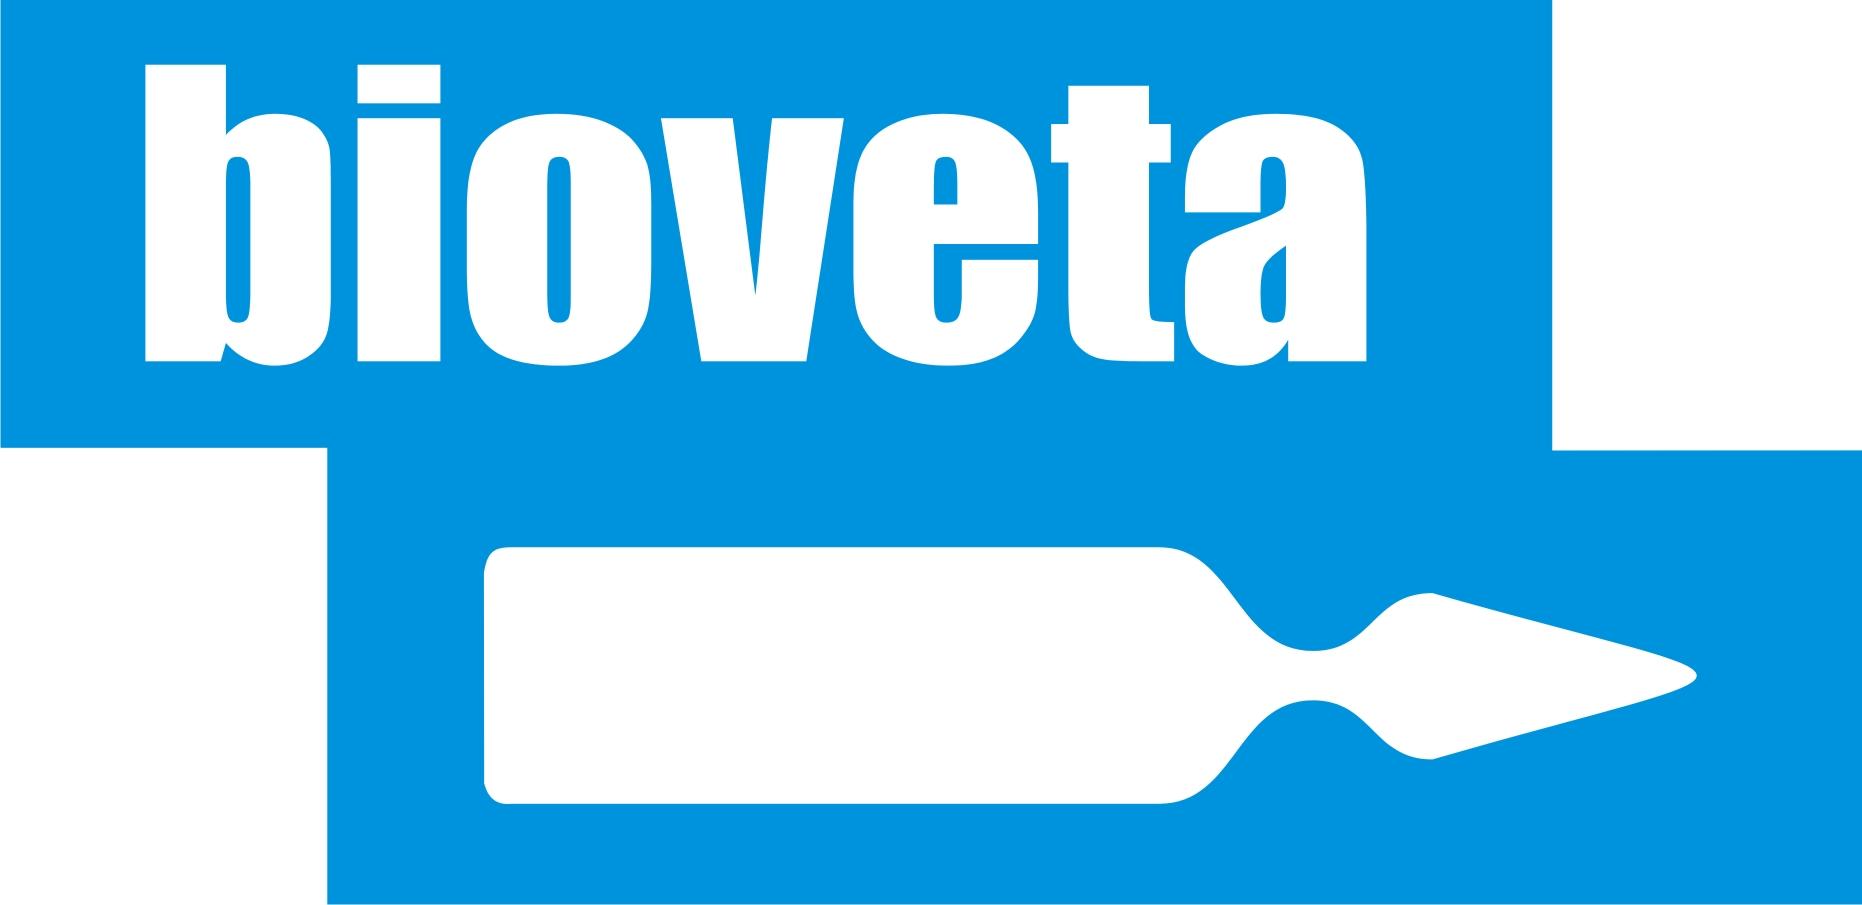 Bioveta